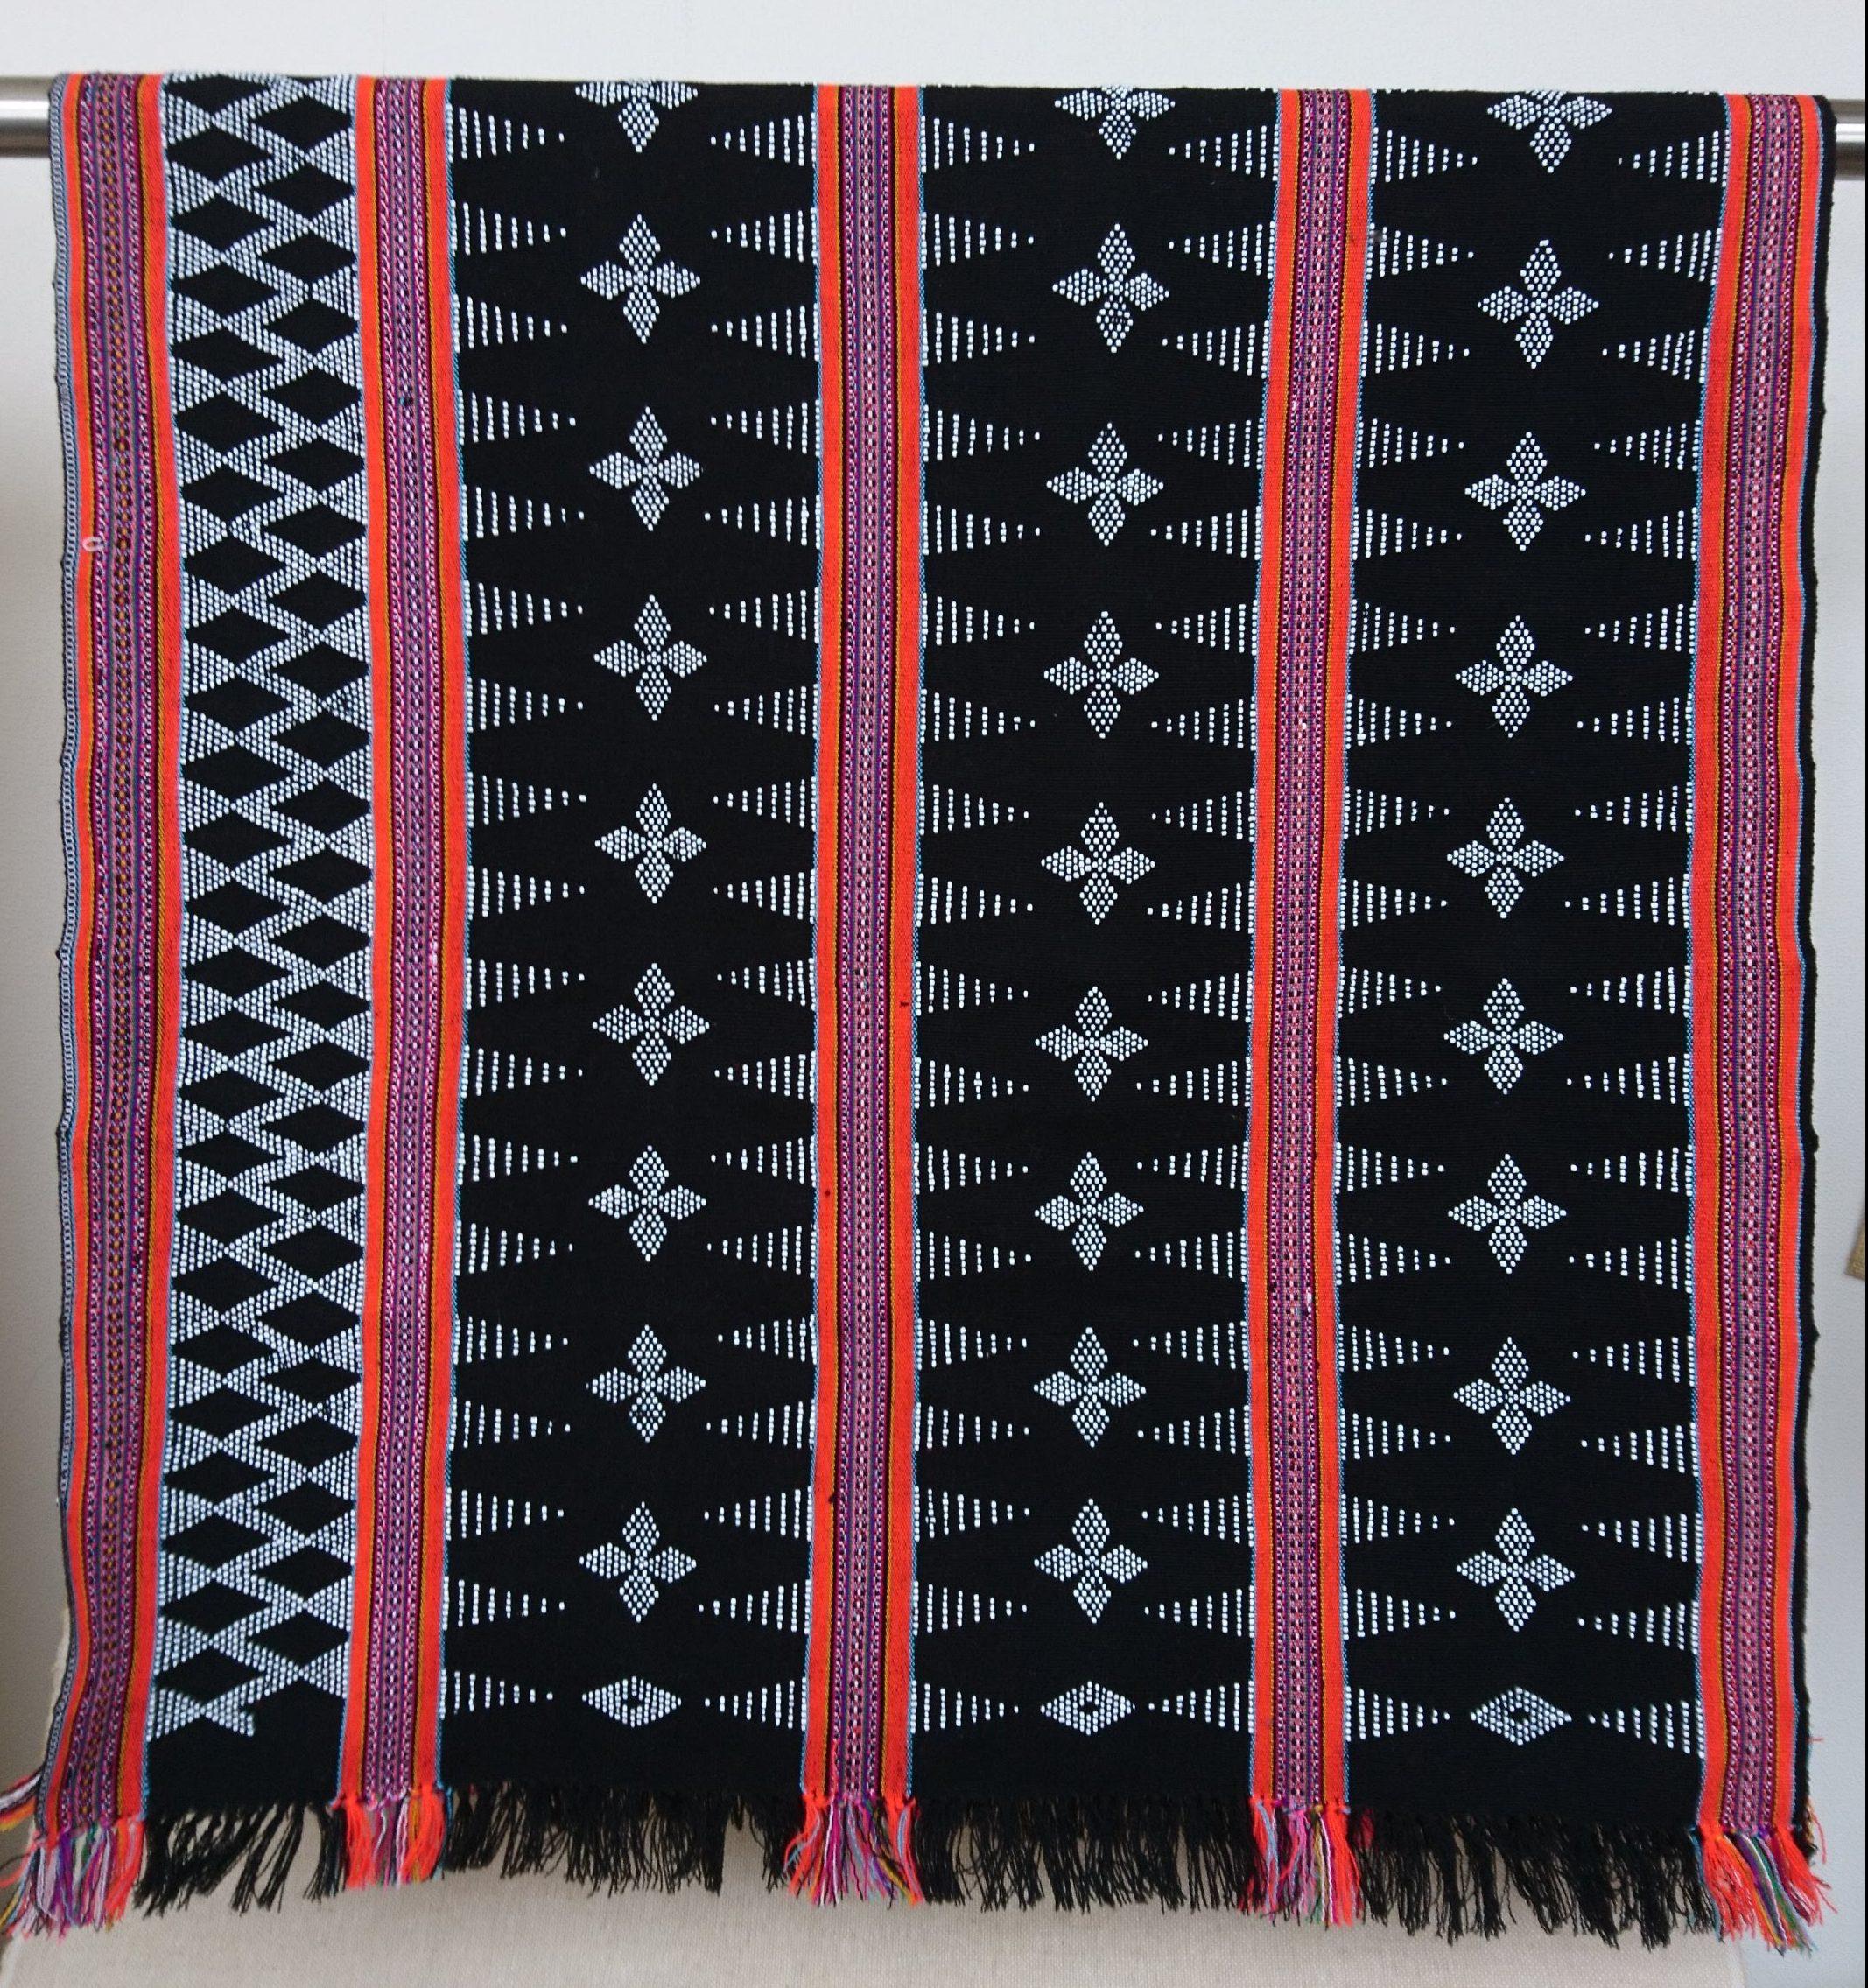 ターオイ族ビーズ入り手織りブロケード (ビーズ柄)